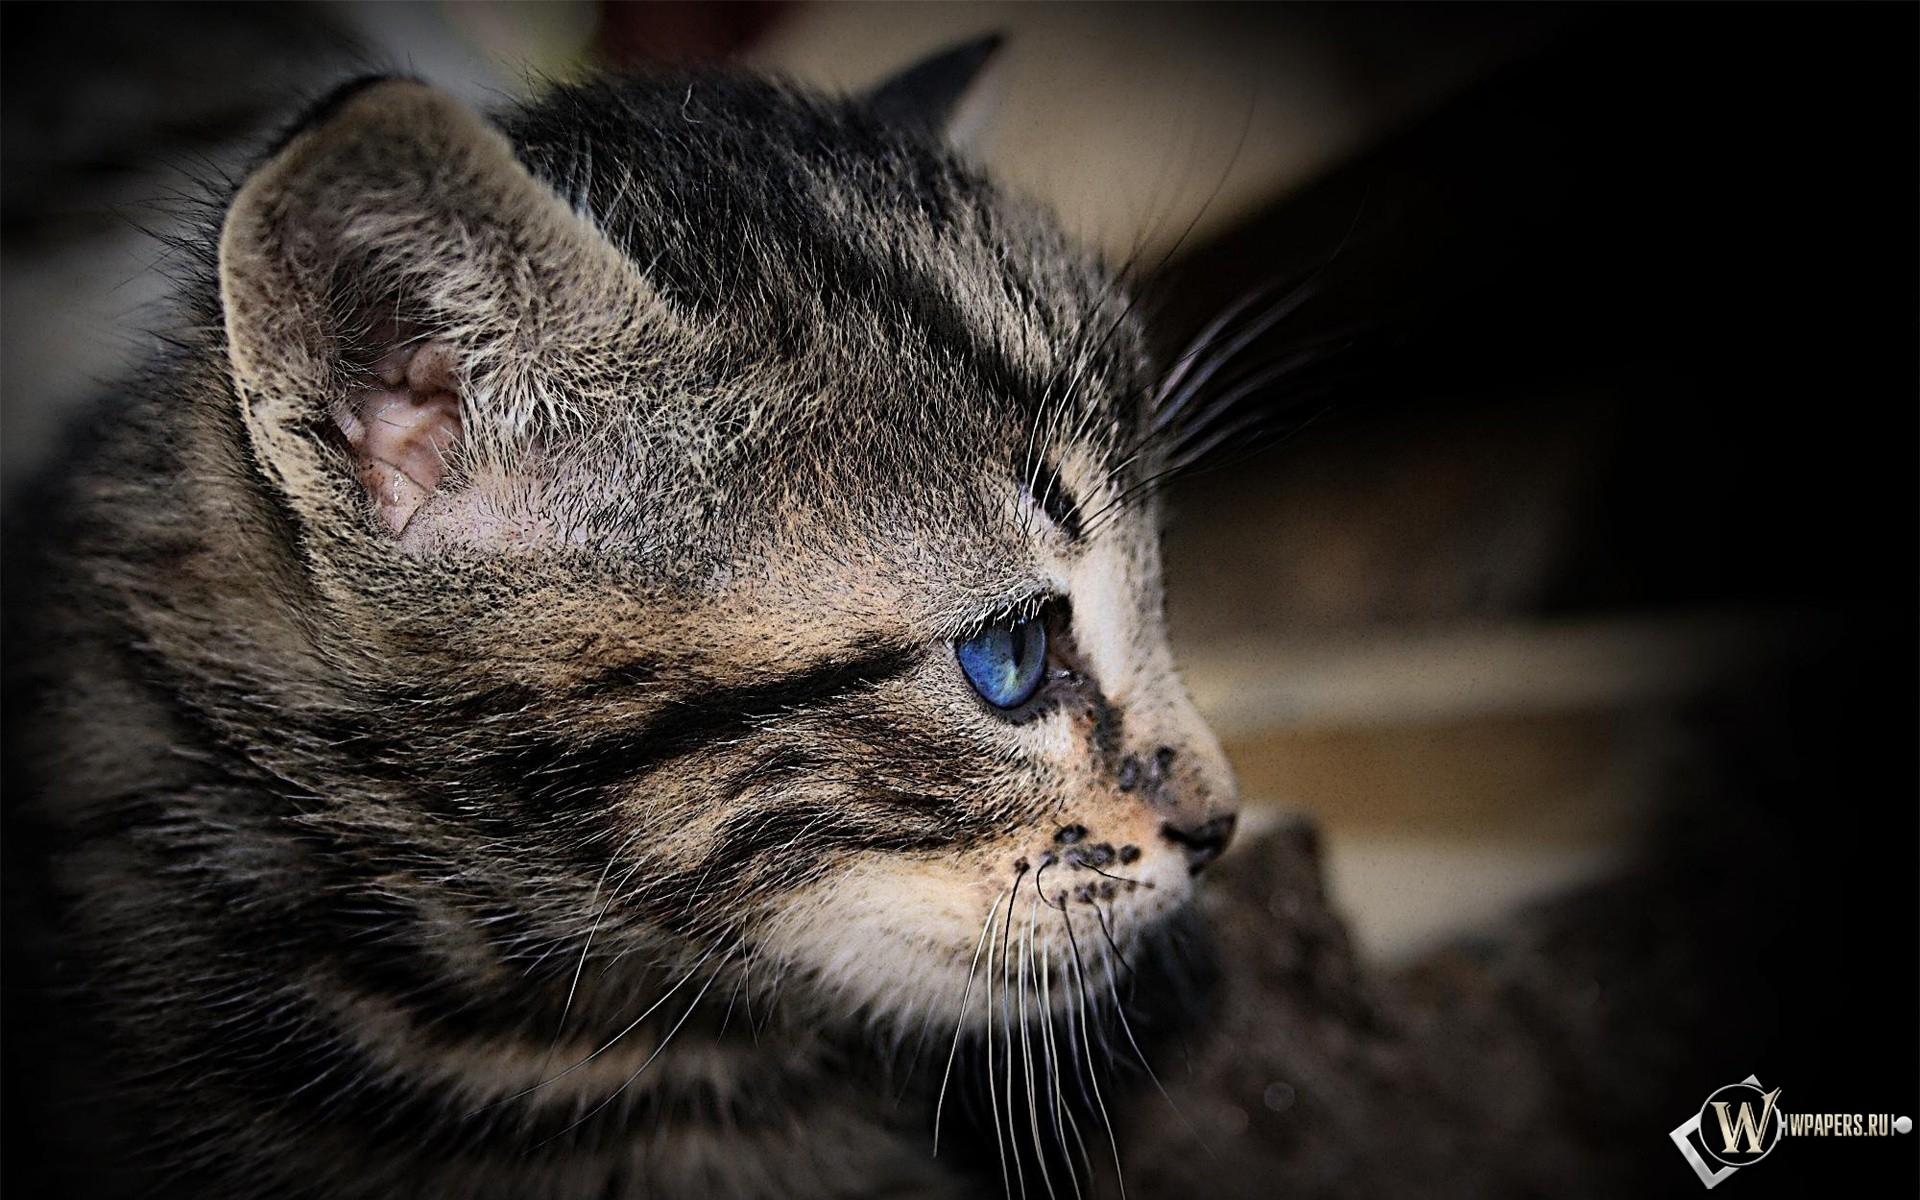 Котенок с голубыми глазами 1920x1200